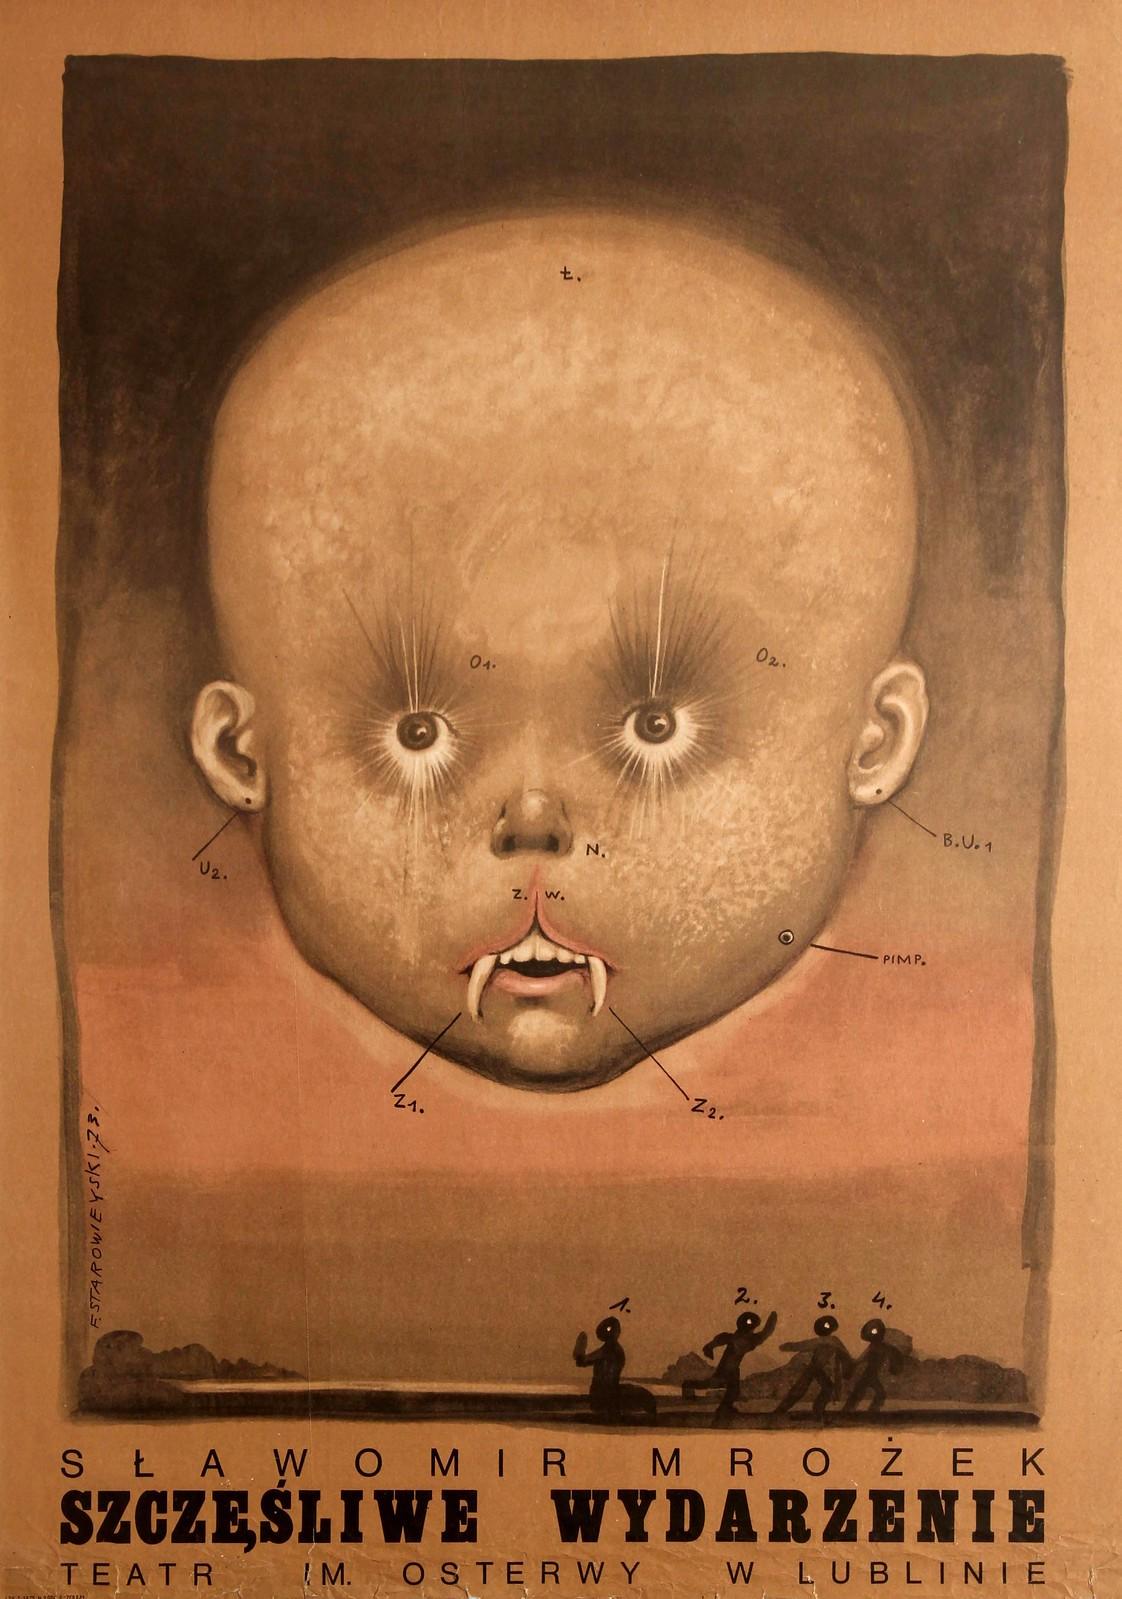 Franciszek Starowieyski - Poster for the theatre play Happy Event (Szczesliwe Wydarzenie) By Slawomir Mrozek, 1973